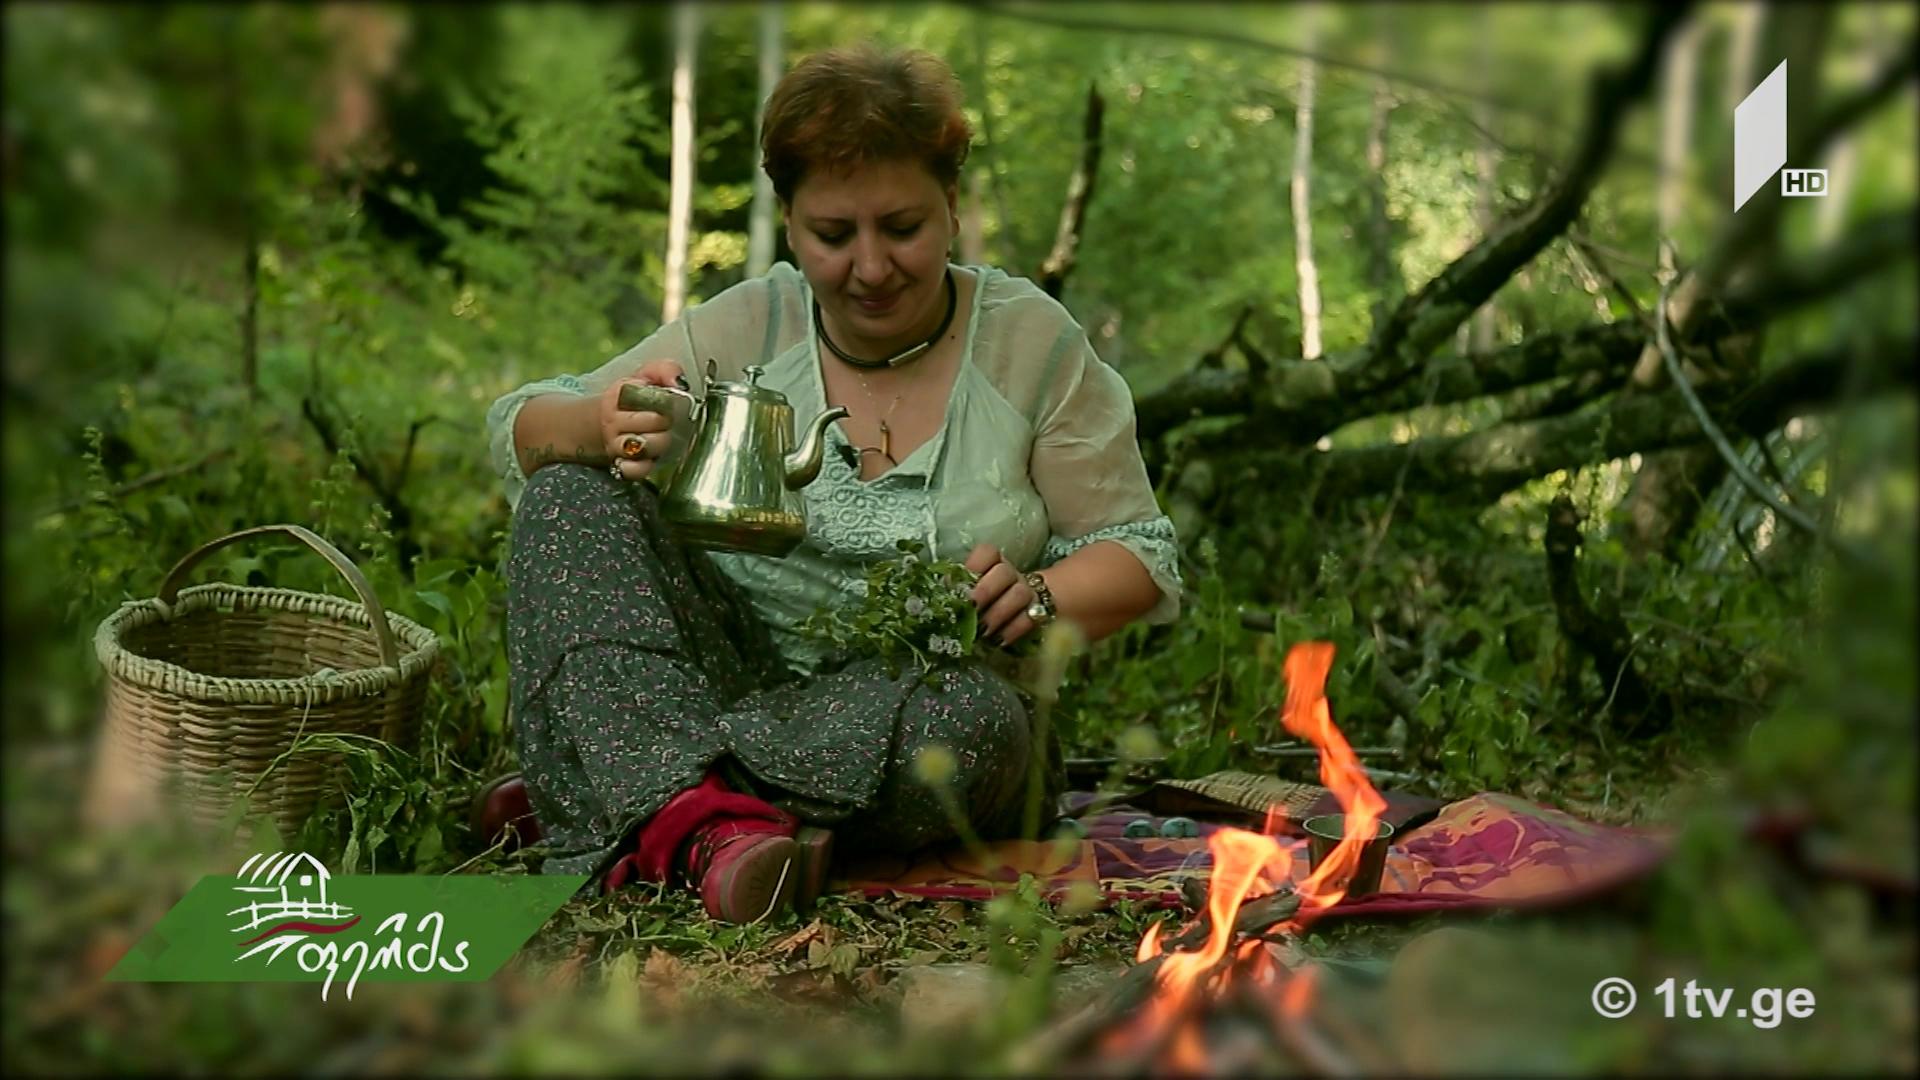 #არტიშოკი ველური მცენარეების საიდუმლო - როგორ მივიღოთ სარგებელი ბუნებისგან გარემოს დაზიანების გარეშე